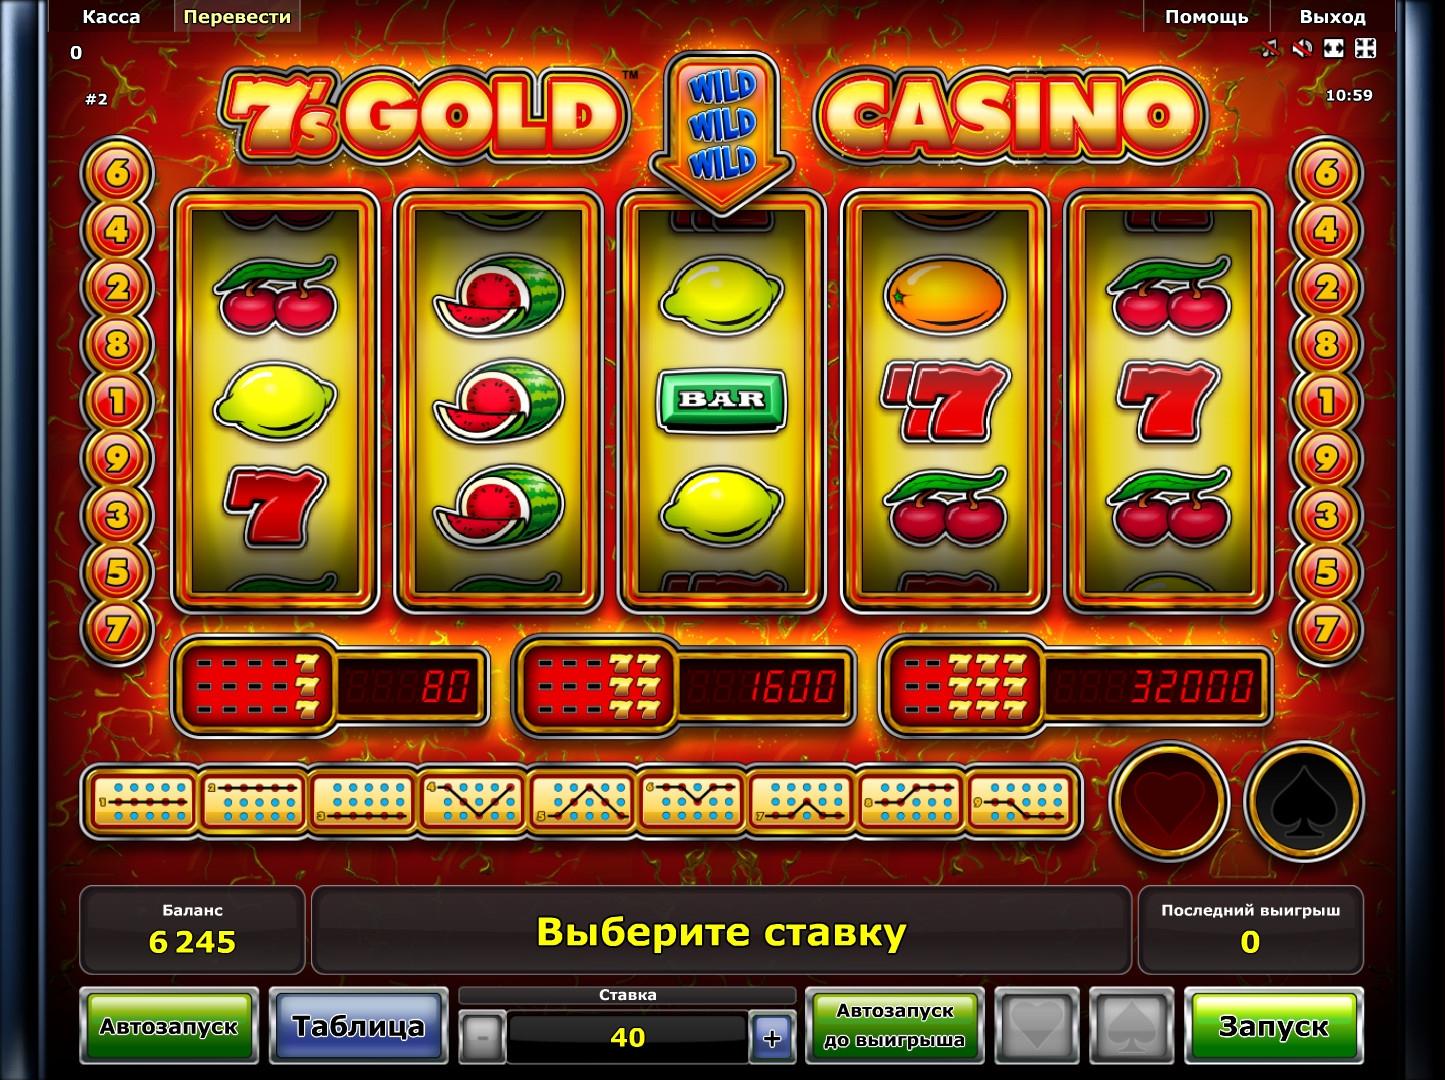 Форум казино чем